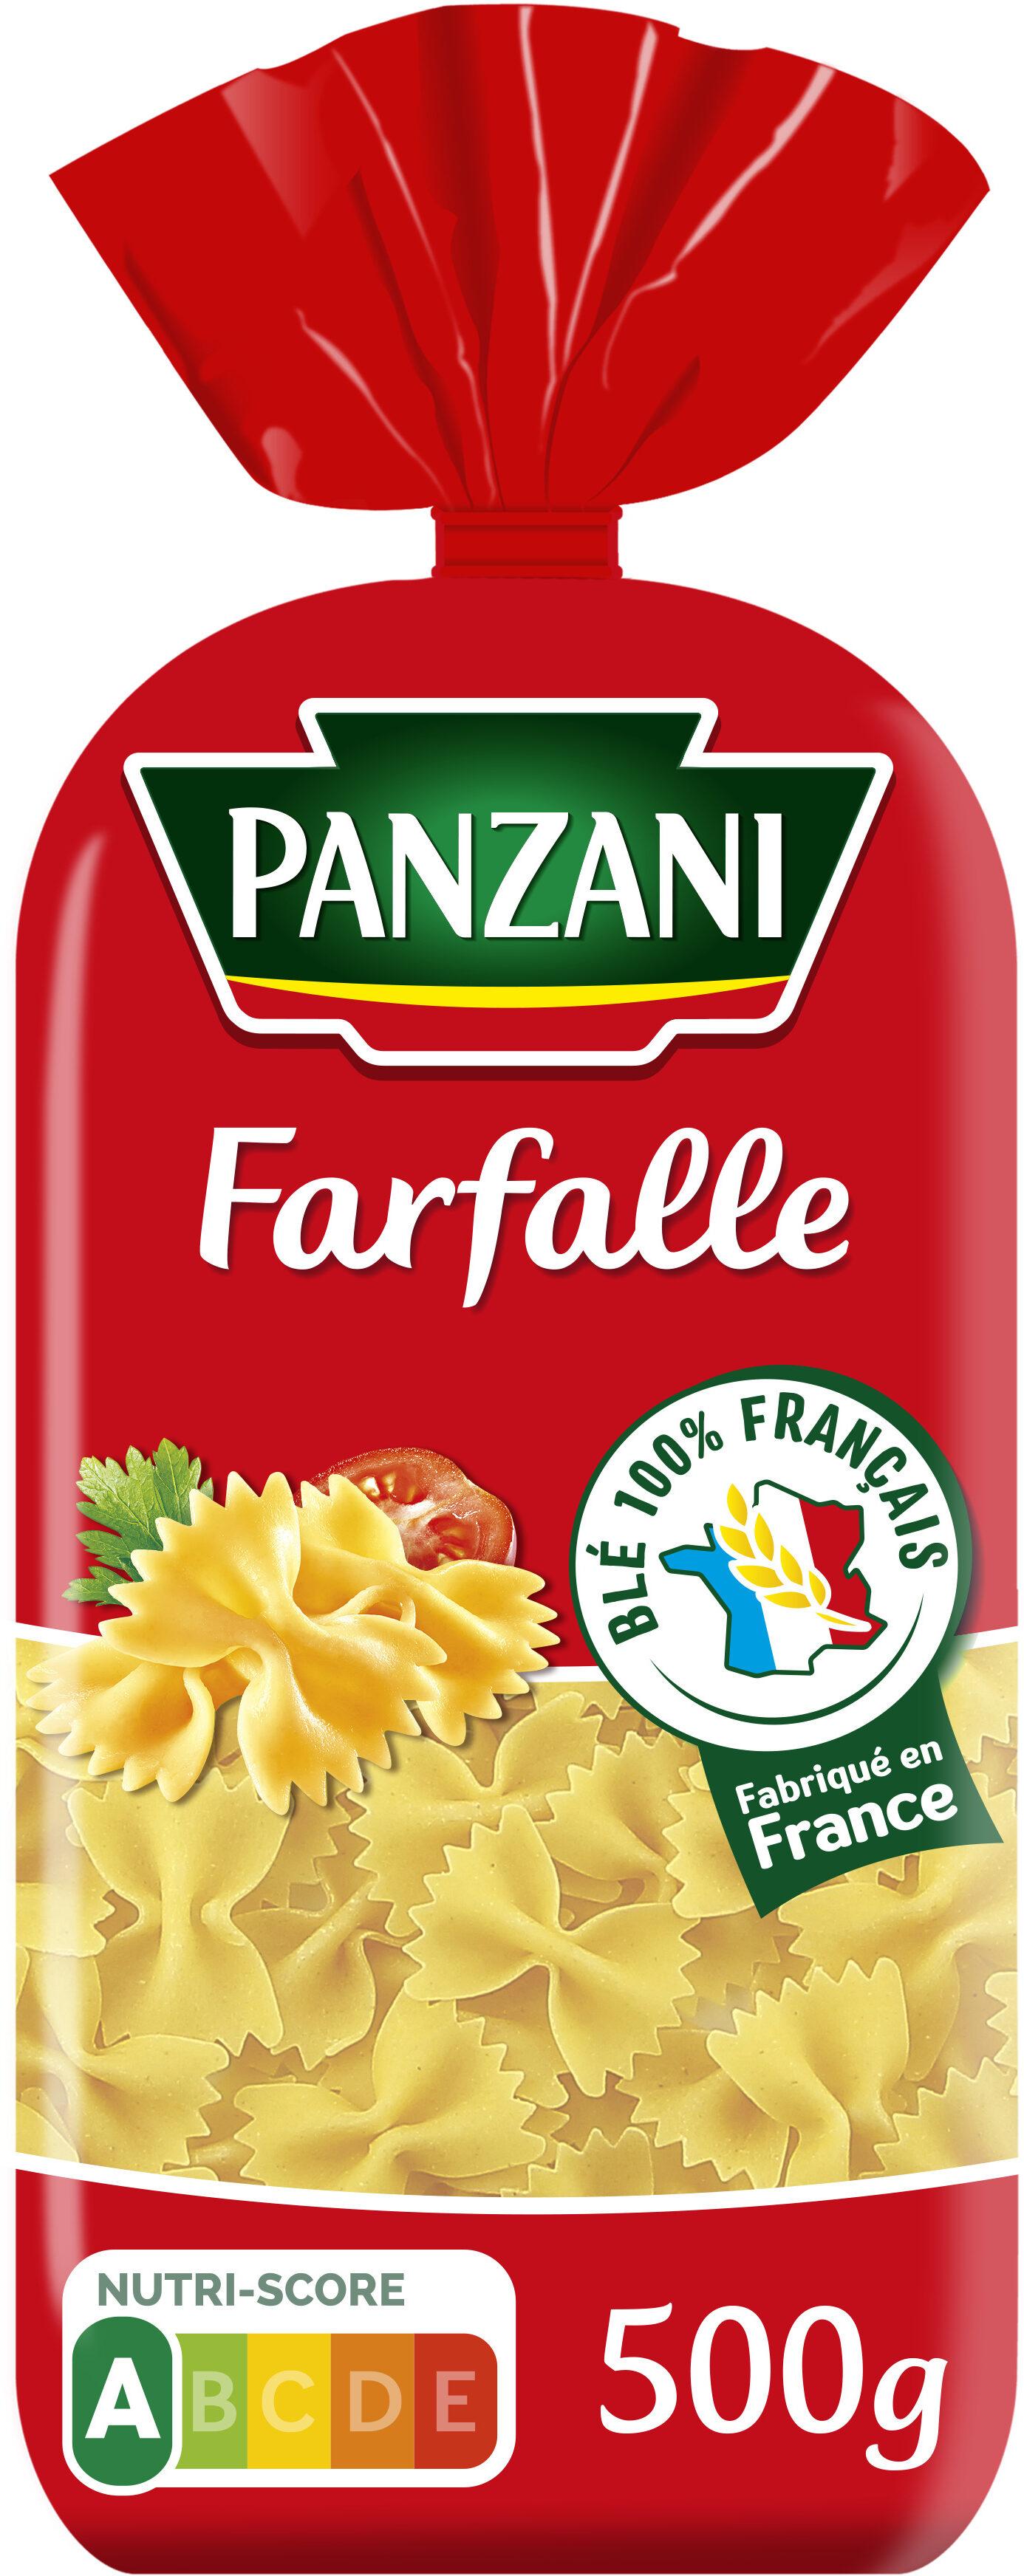 Panzani farfalle - Produit - fr